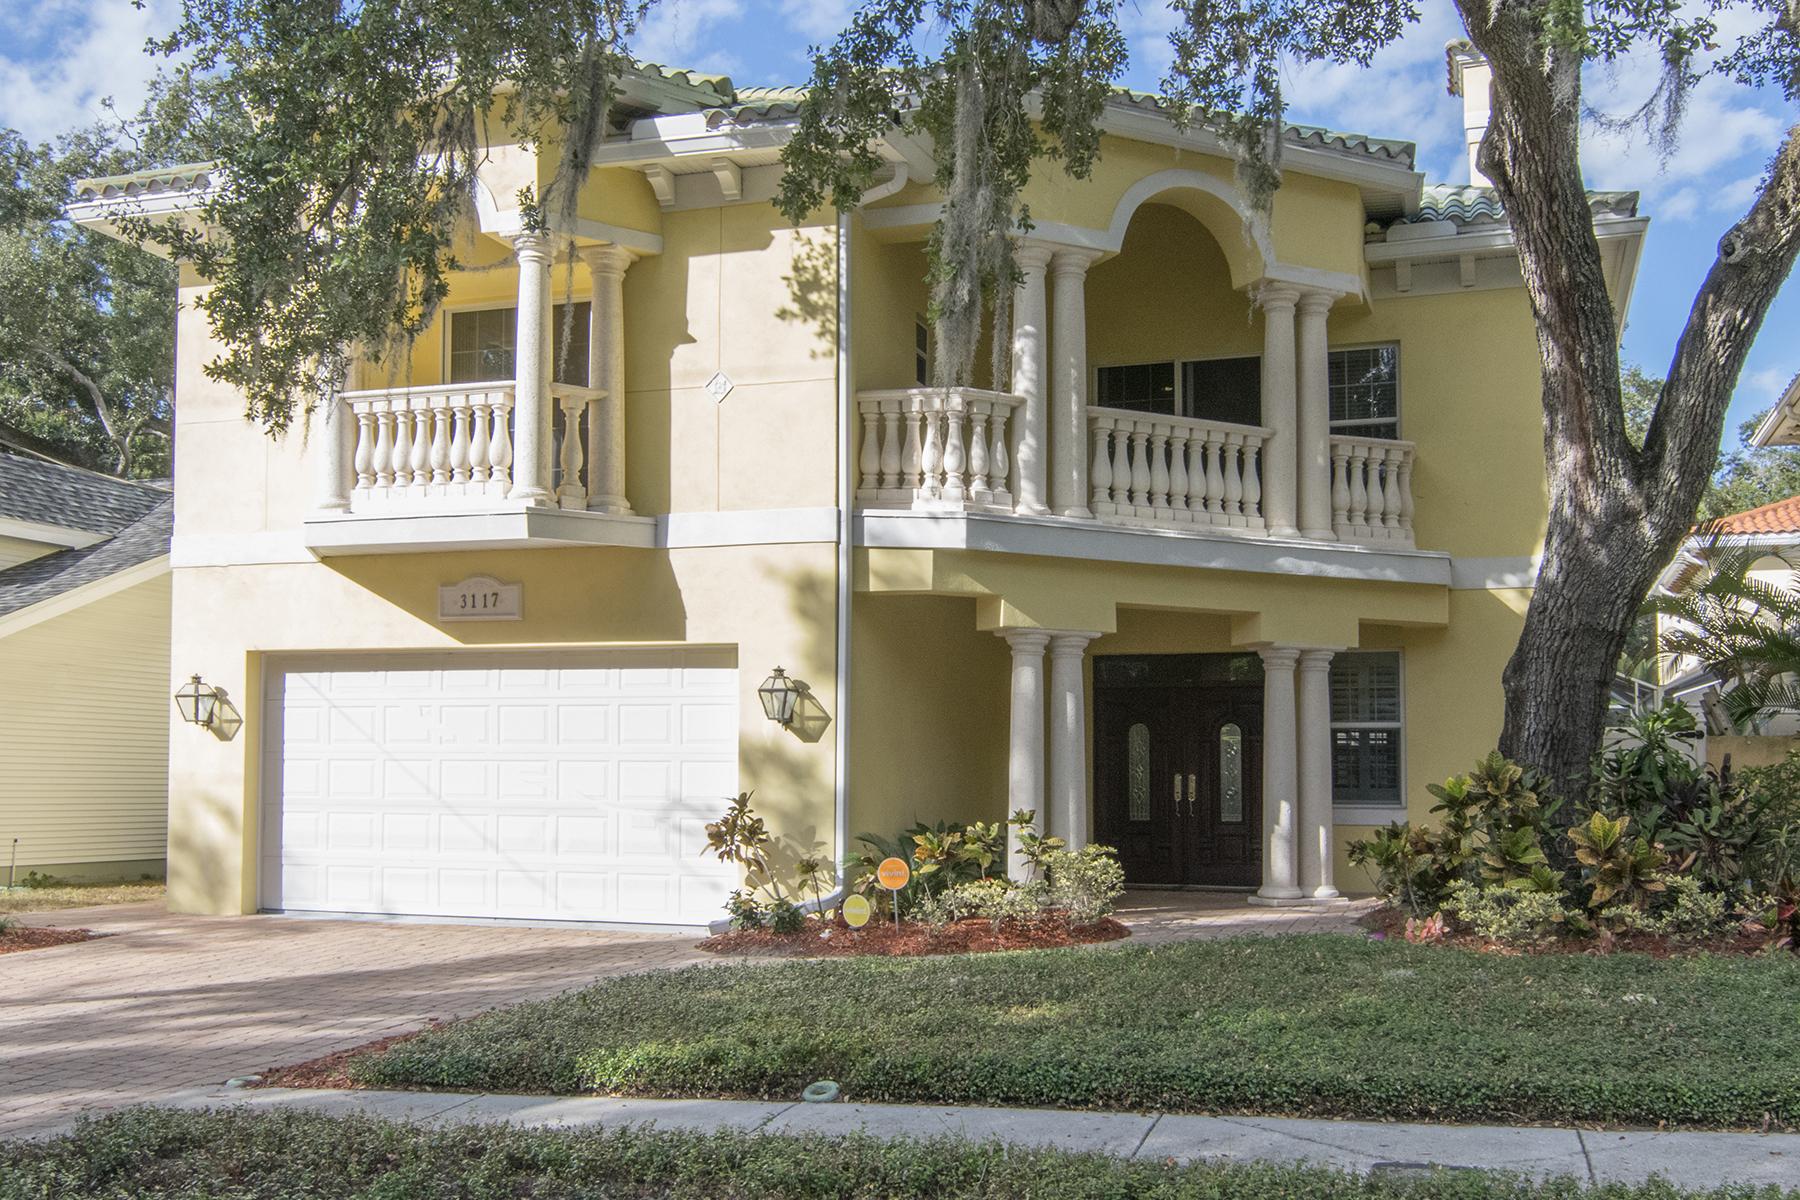 独户住宅 为 销售 在 SOUTH TAMPA 3117 W Villa Rosa St 坦帕市, 佛罗里达州, 33611 美国